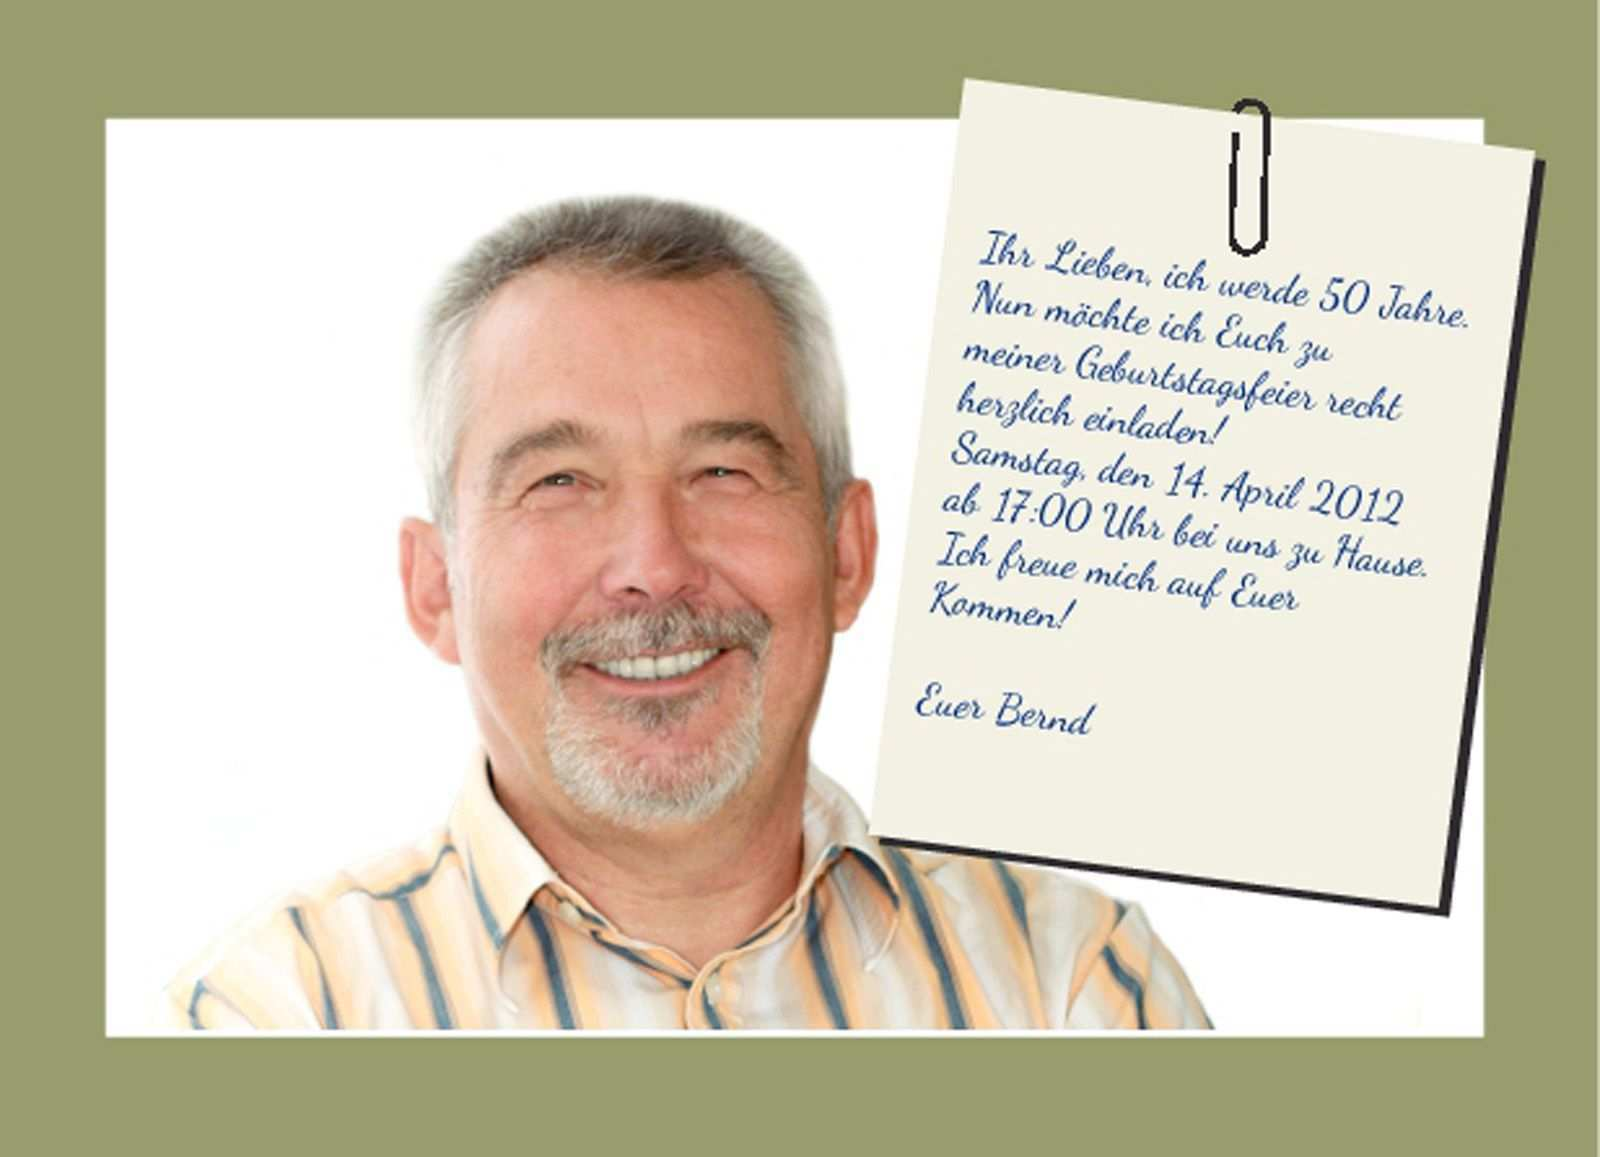 Einladungskarten 90 Geburtstag Selber Machen Einladung Zum Geburtstag Einladungskarten Geburtstag Einladung Geburtstag Einladung 60 Geburtstag